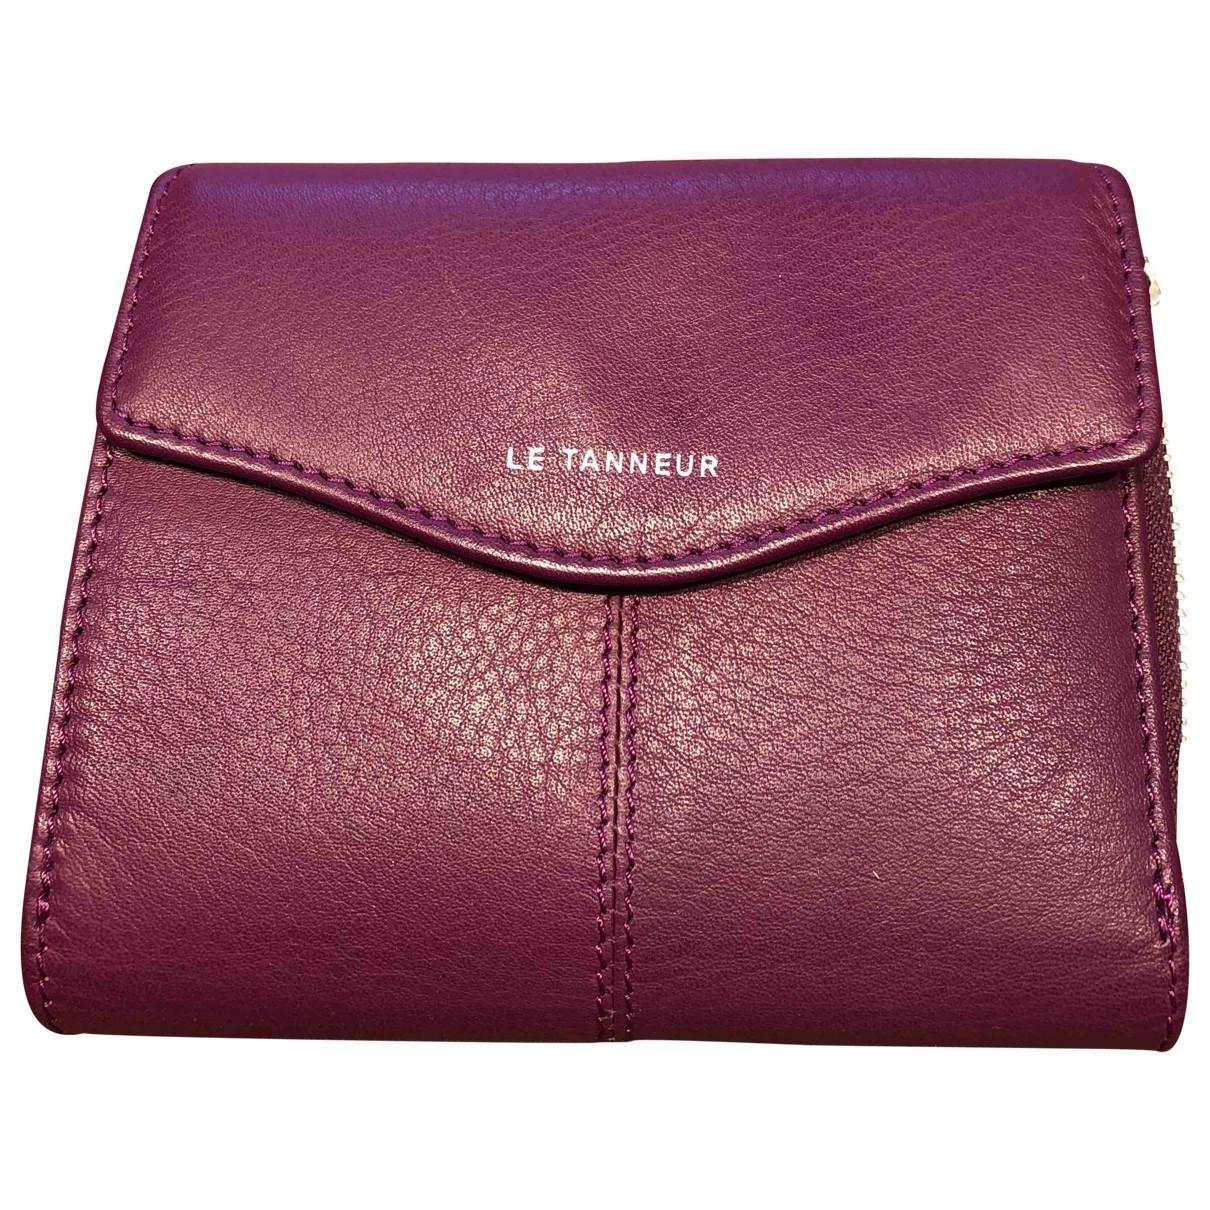 Le Tanneur - Portefeuille   pour femme en cuir - violet